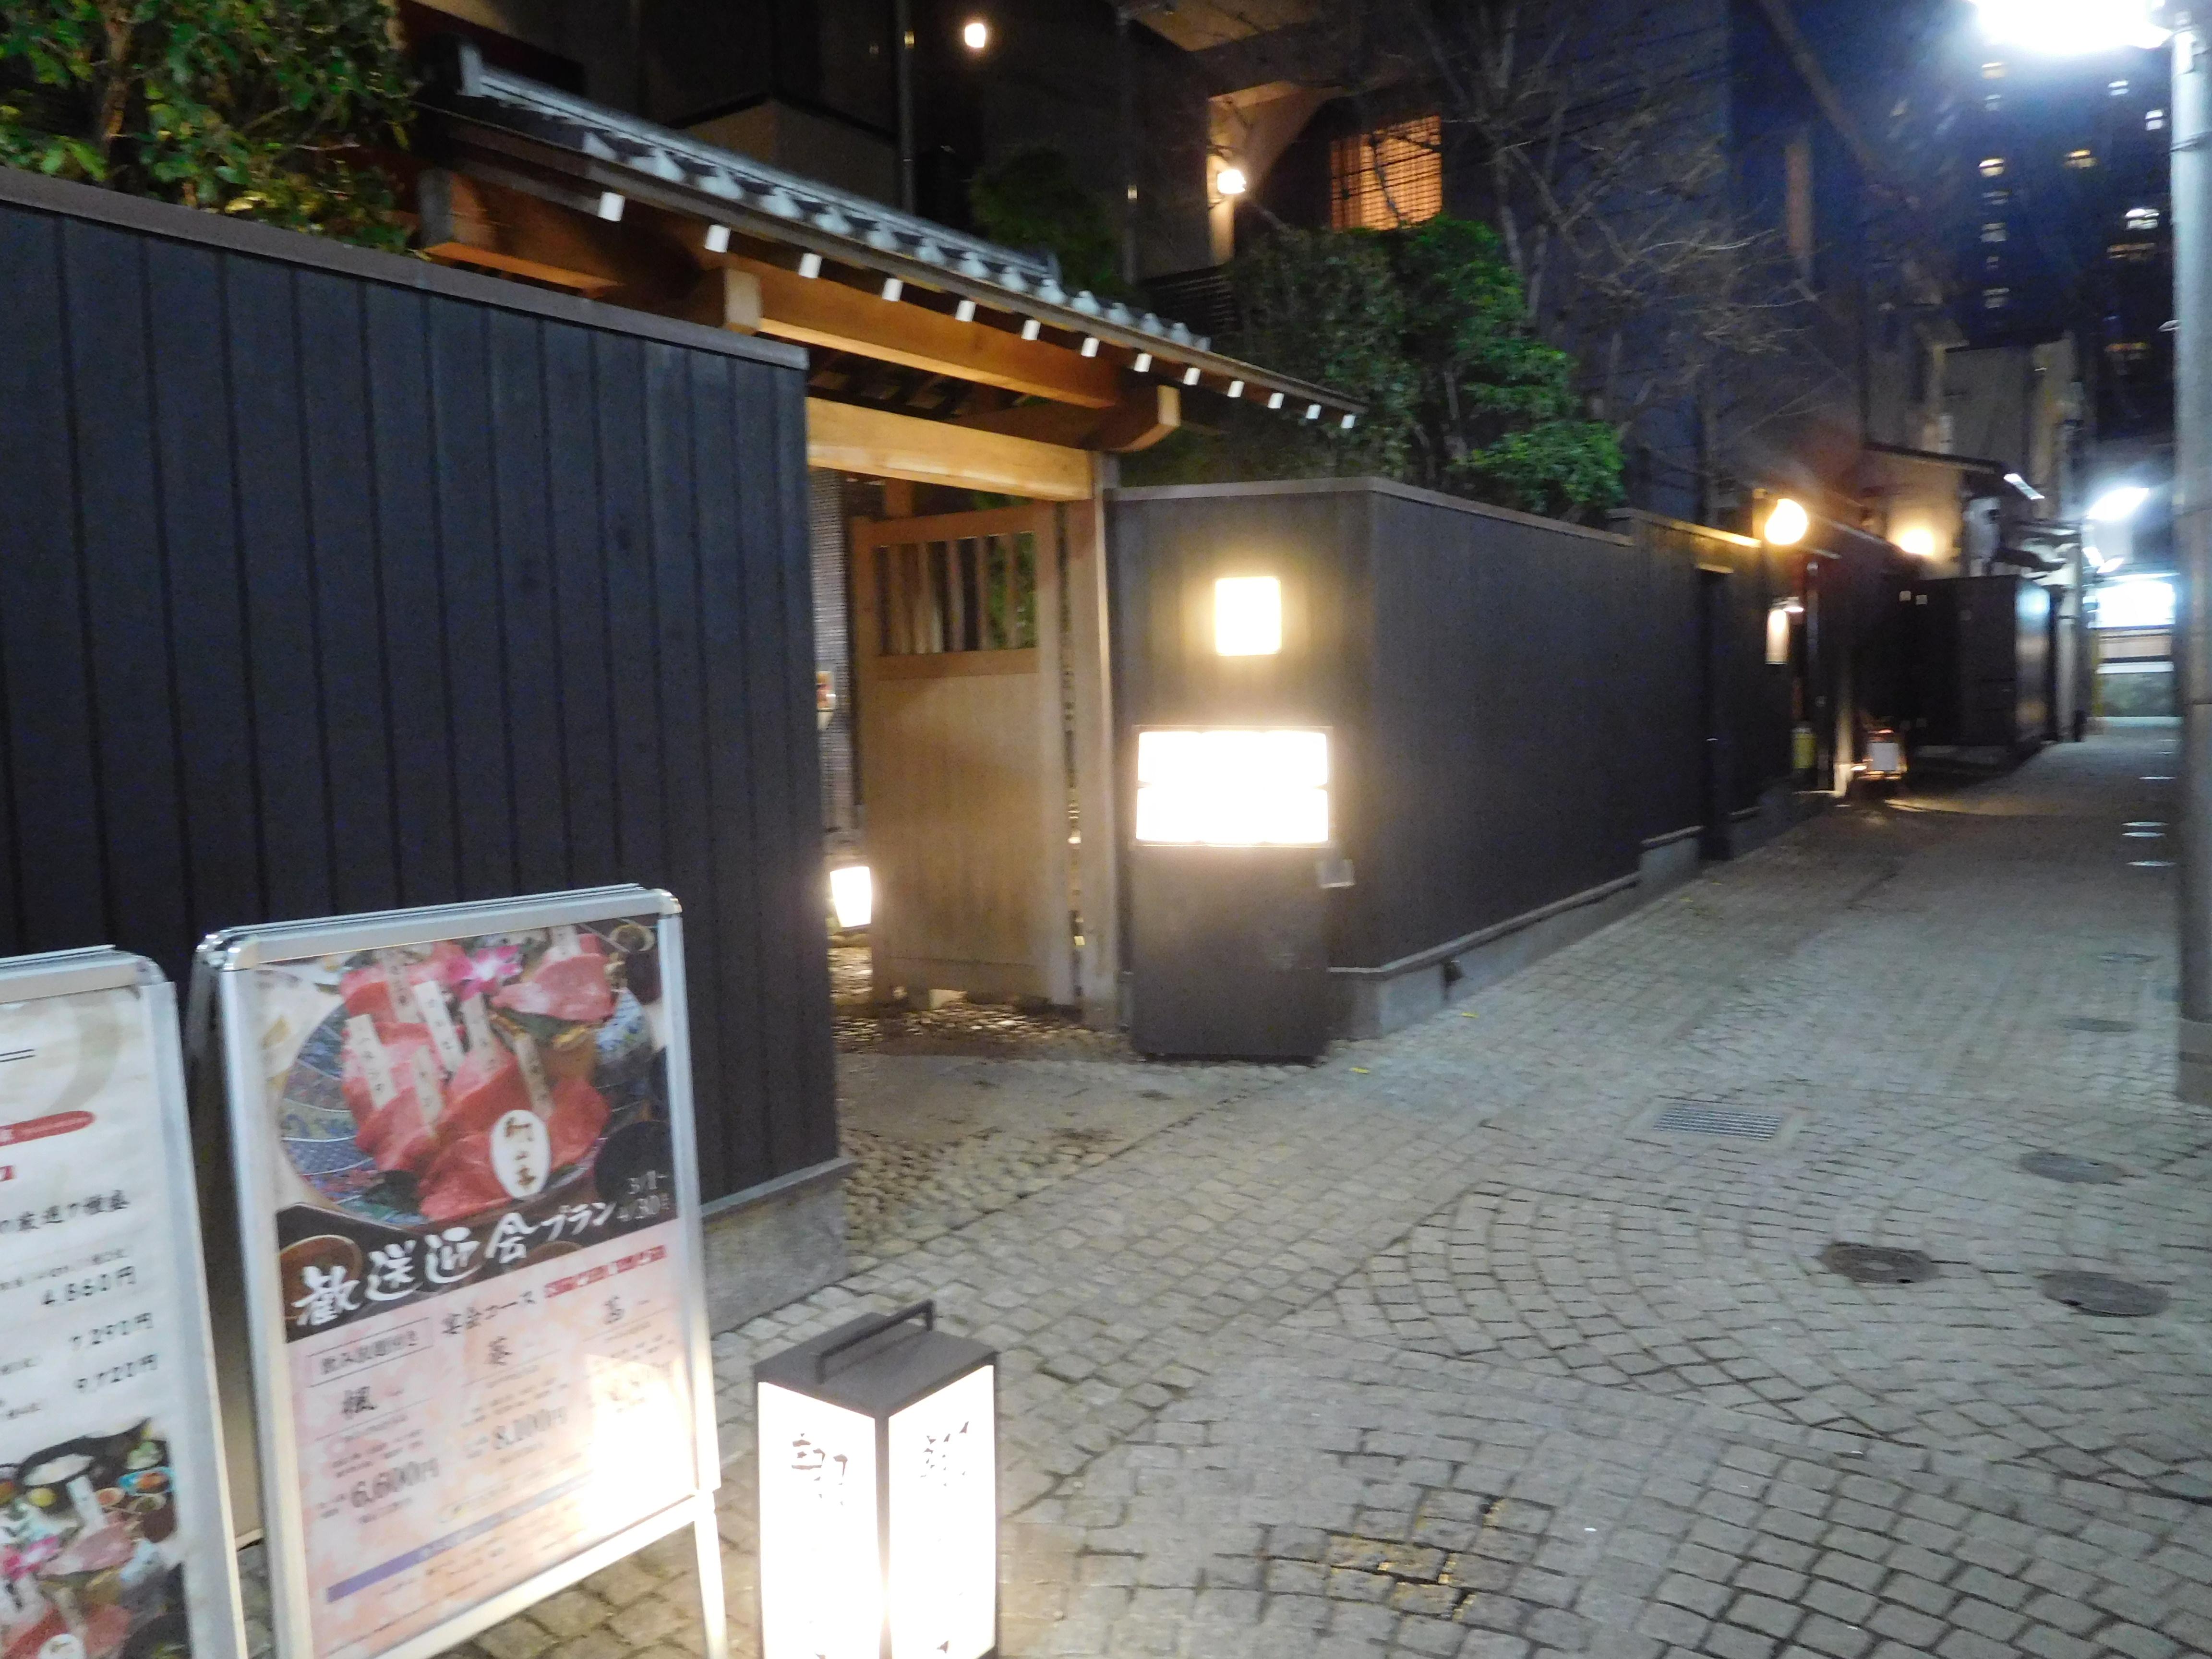 翔山亭 神楽坂本館|かくれんぼ横丁の落ち着いた焼肉店(ディナー)